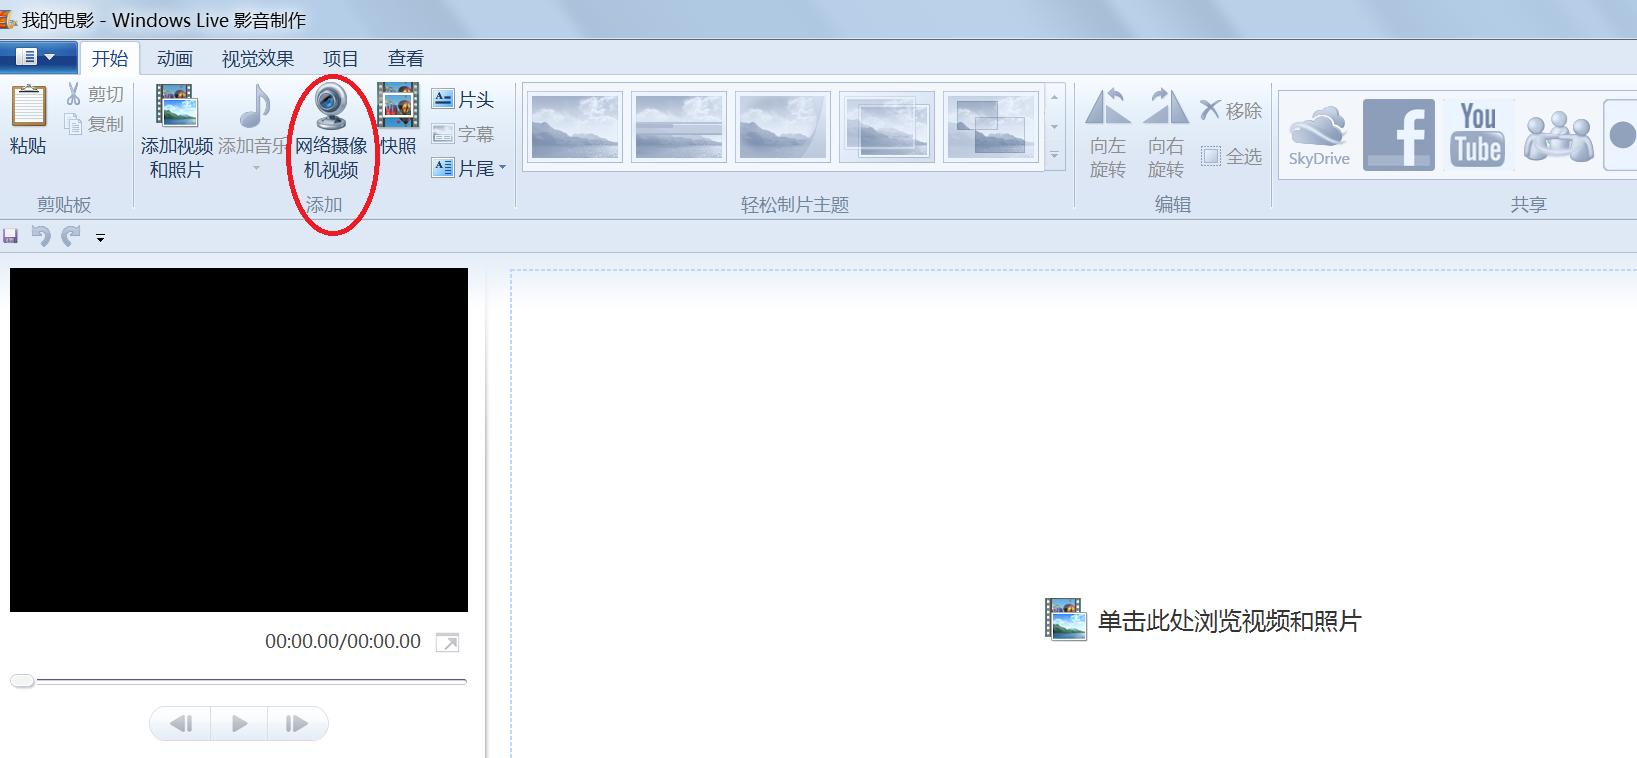 笔记本摄像头怎么拆_win7笔记本的摄像头怎么打开